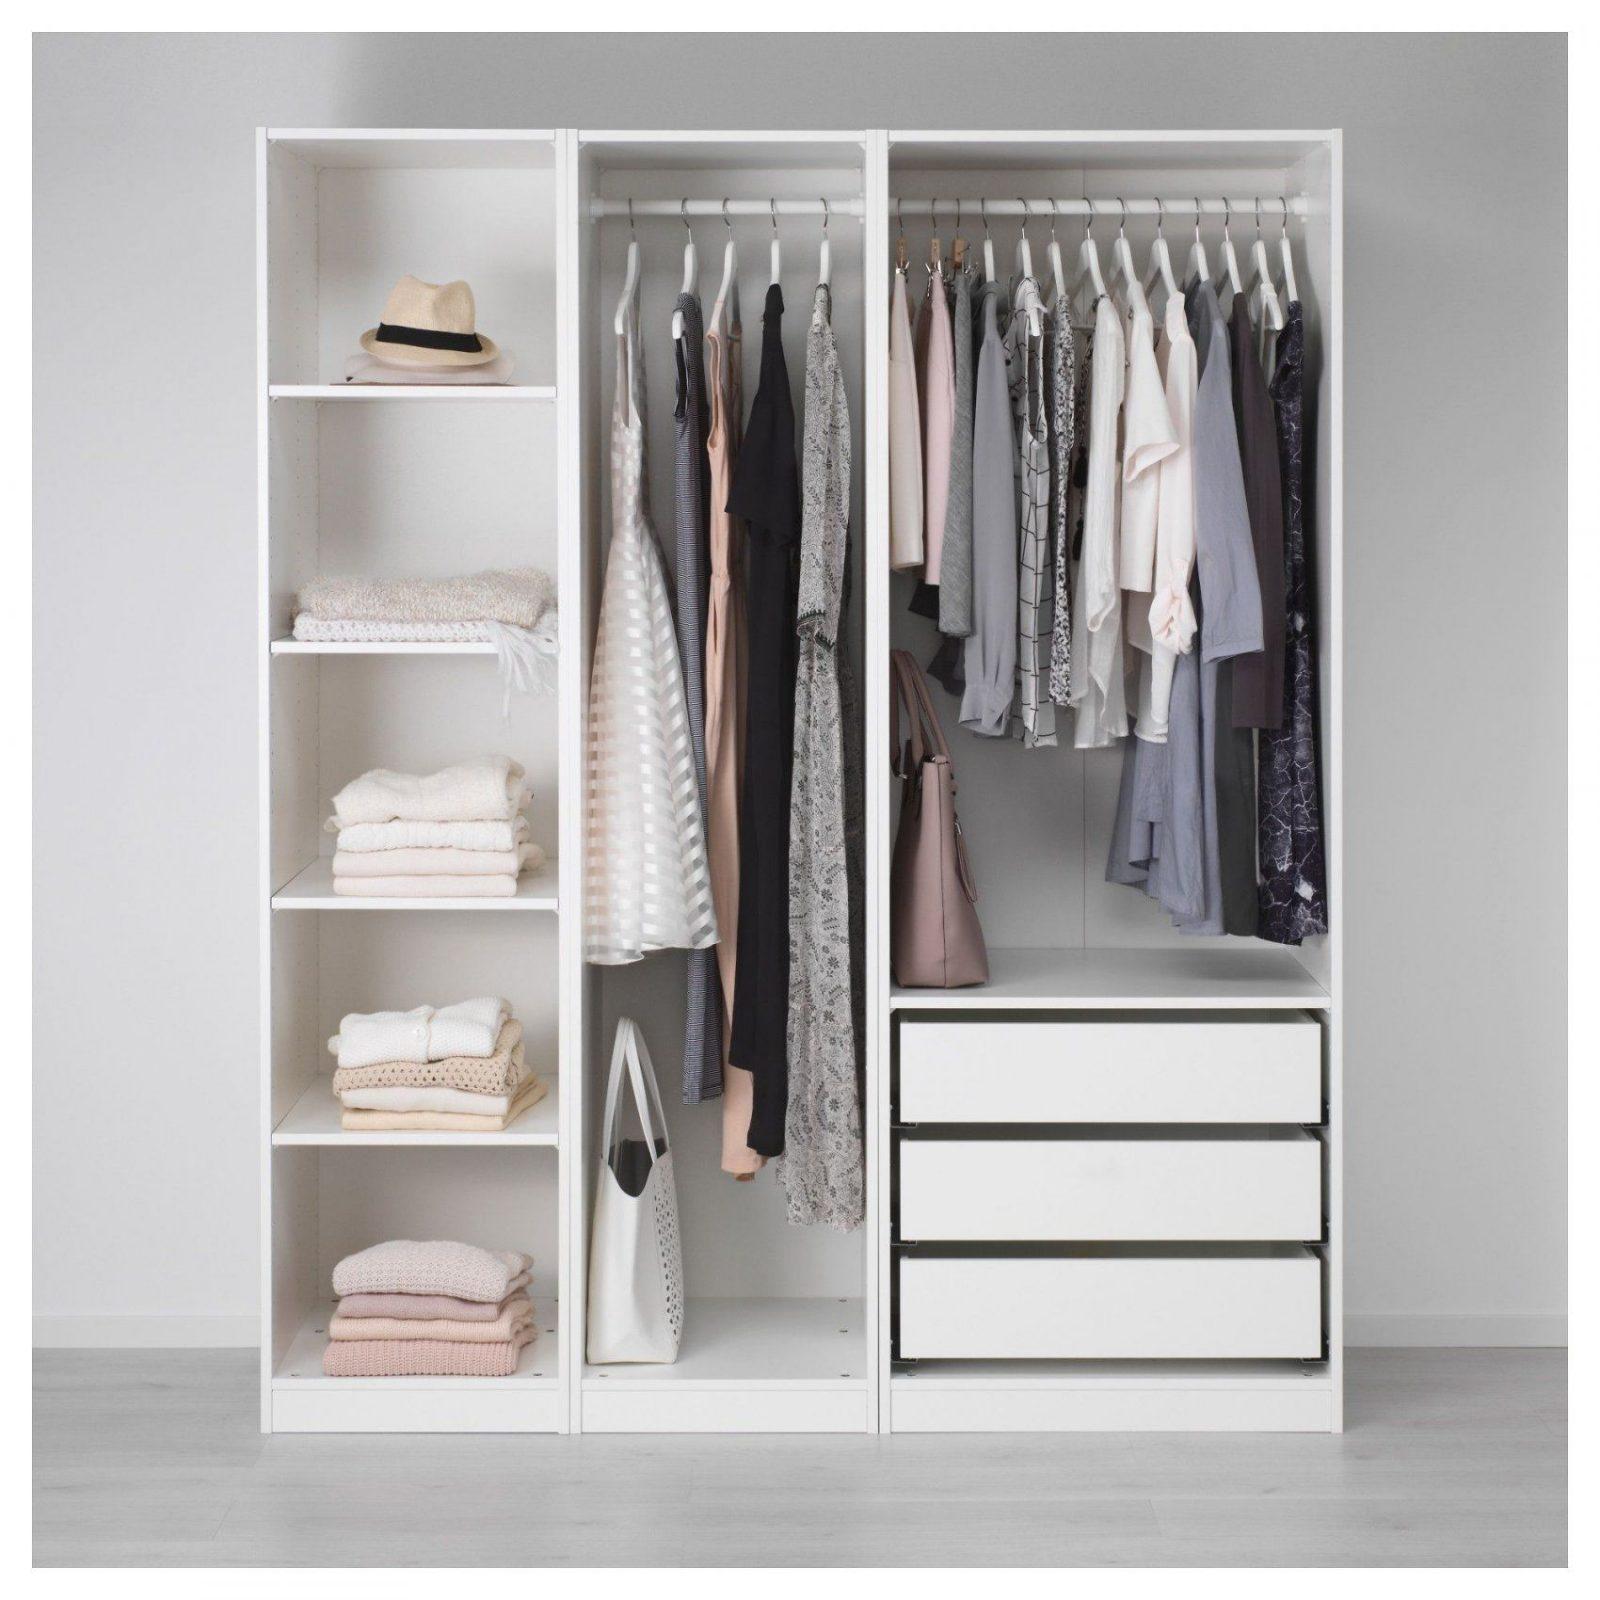 Pax Kleiderschrank Weiß  Kleiderschränke Schränkchen Und Schlafzimmer von Ikea Pax Schrank Angebot Bild